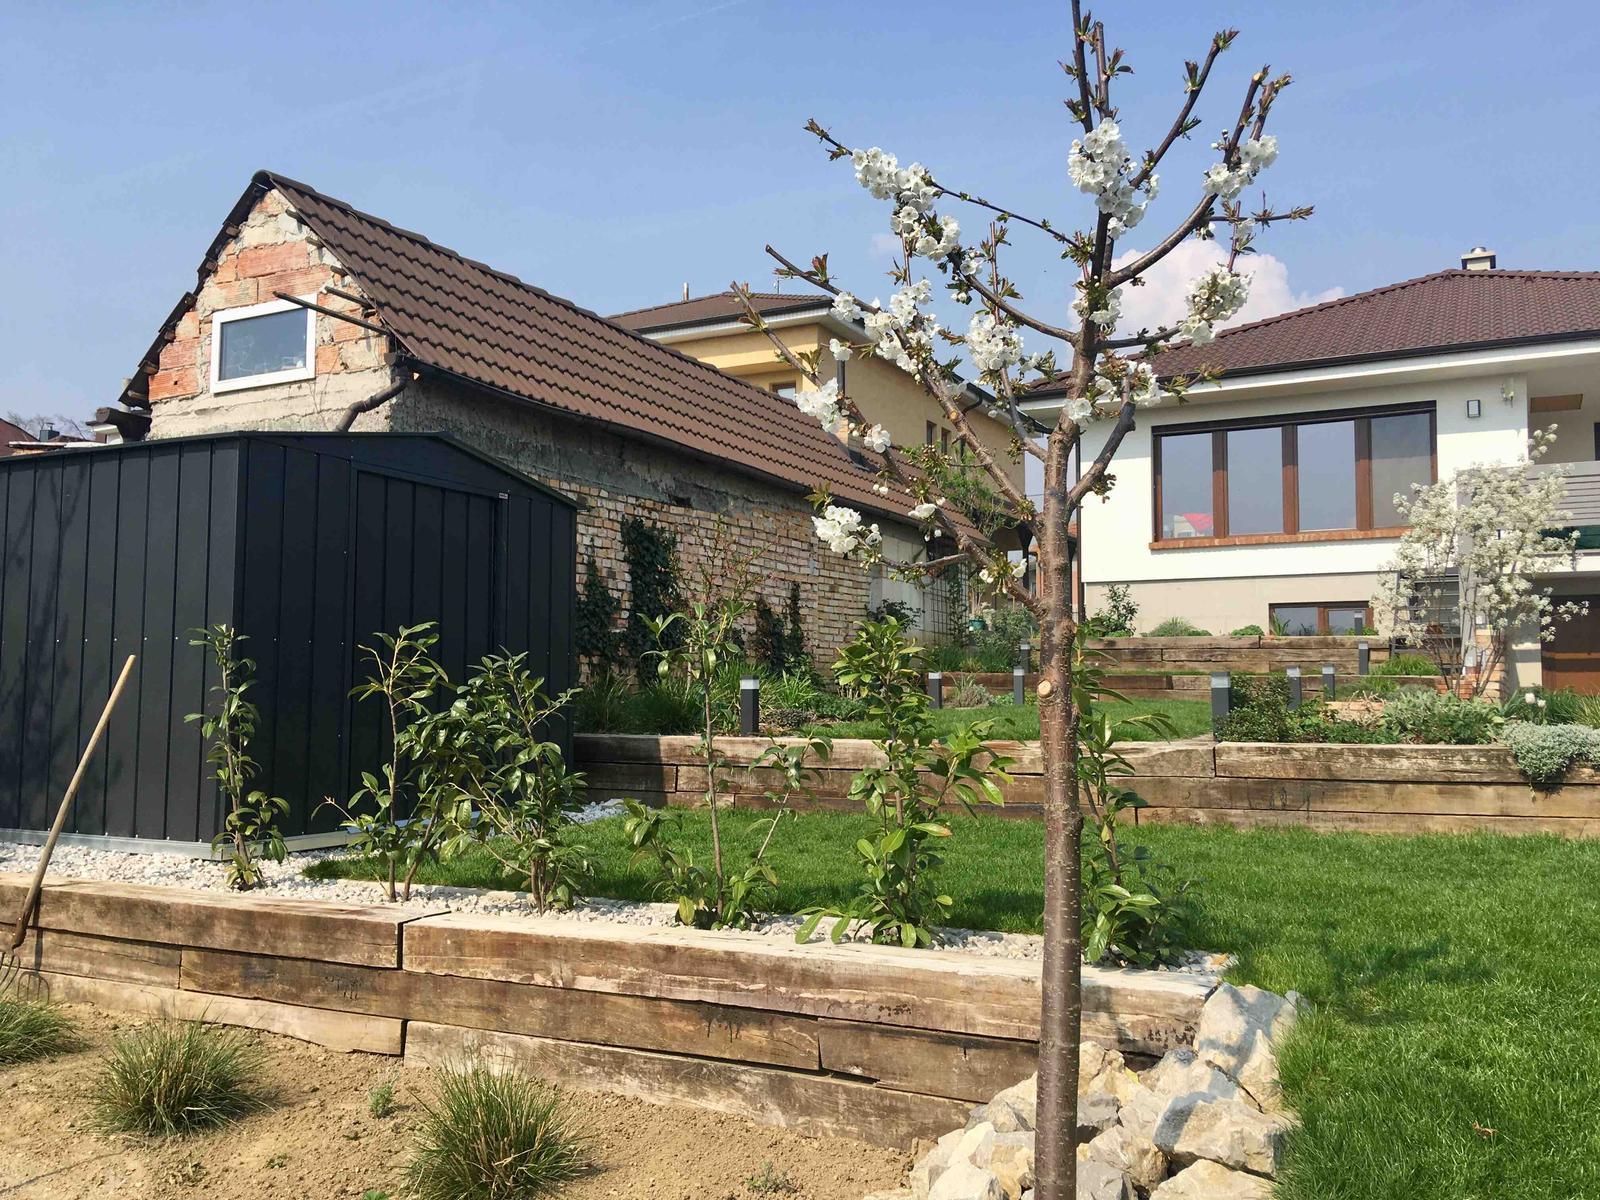 Názov stavby 3 - in da garden - pribudol záhradný domec